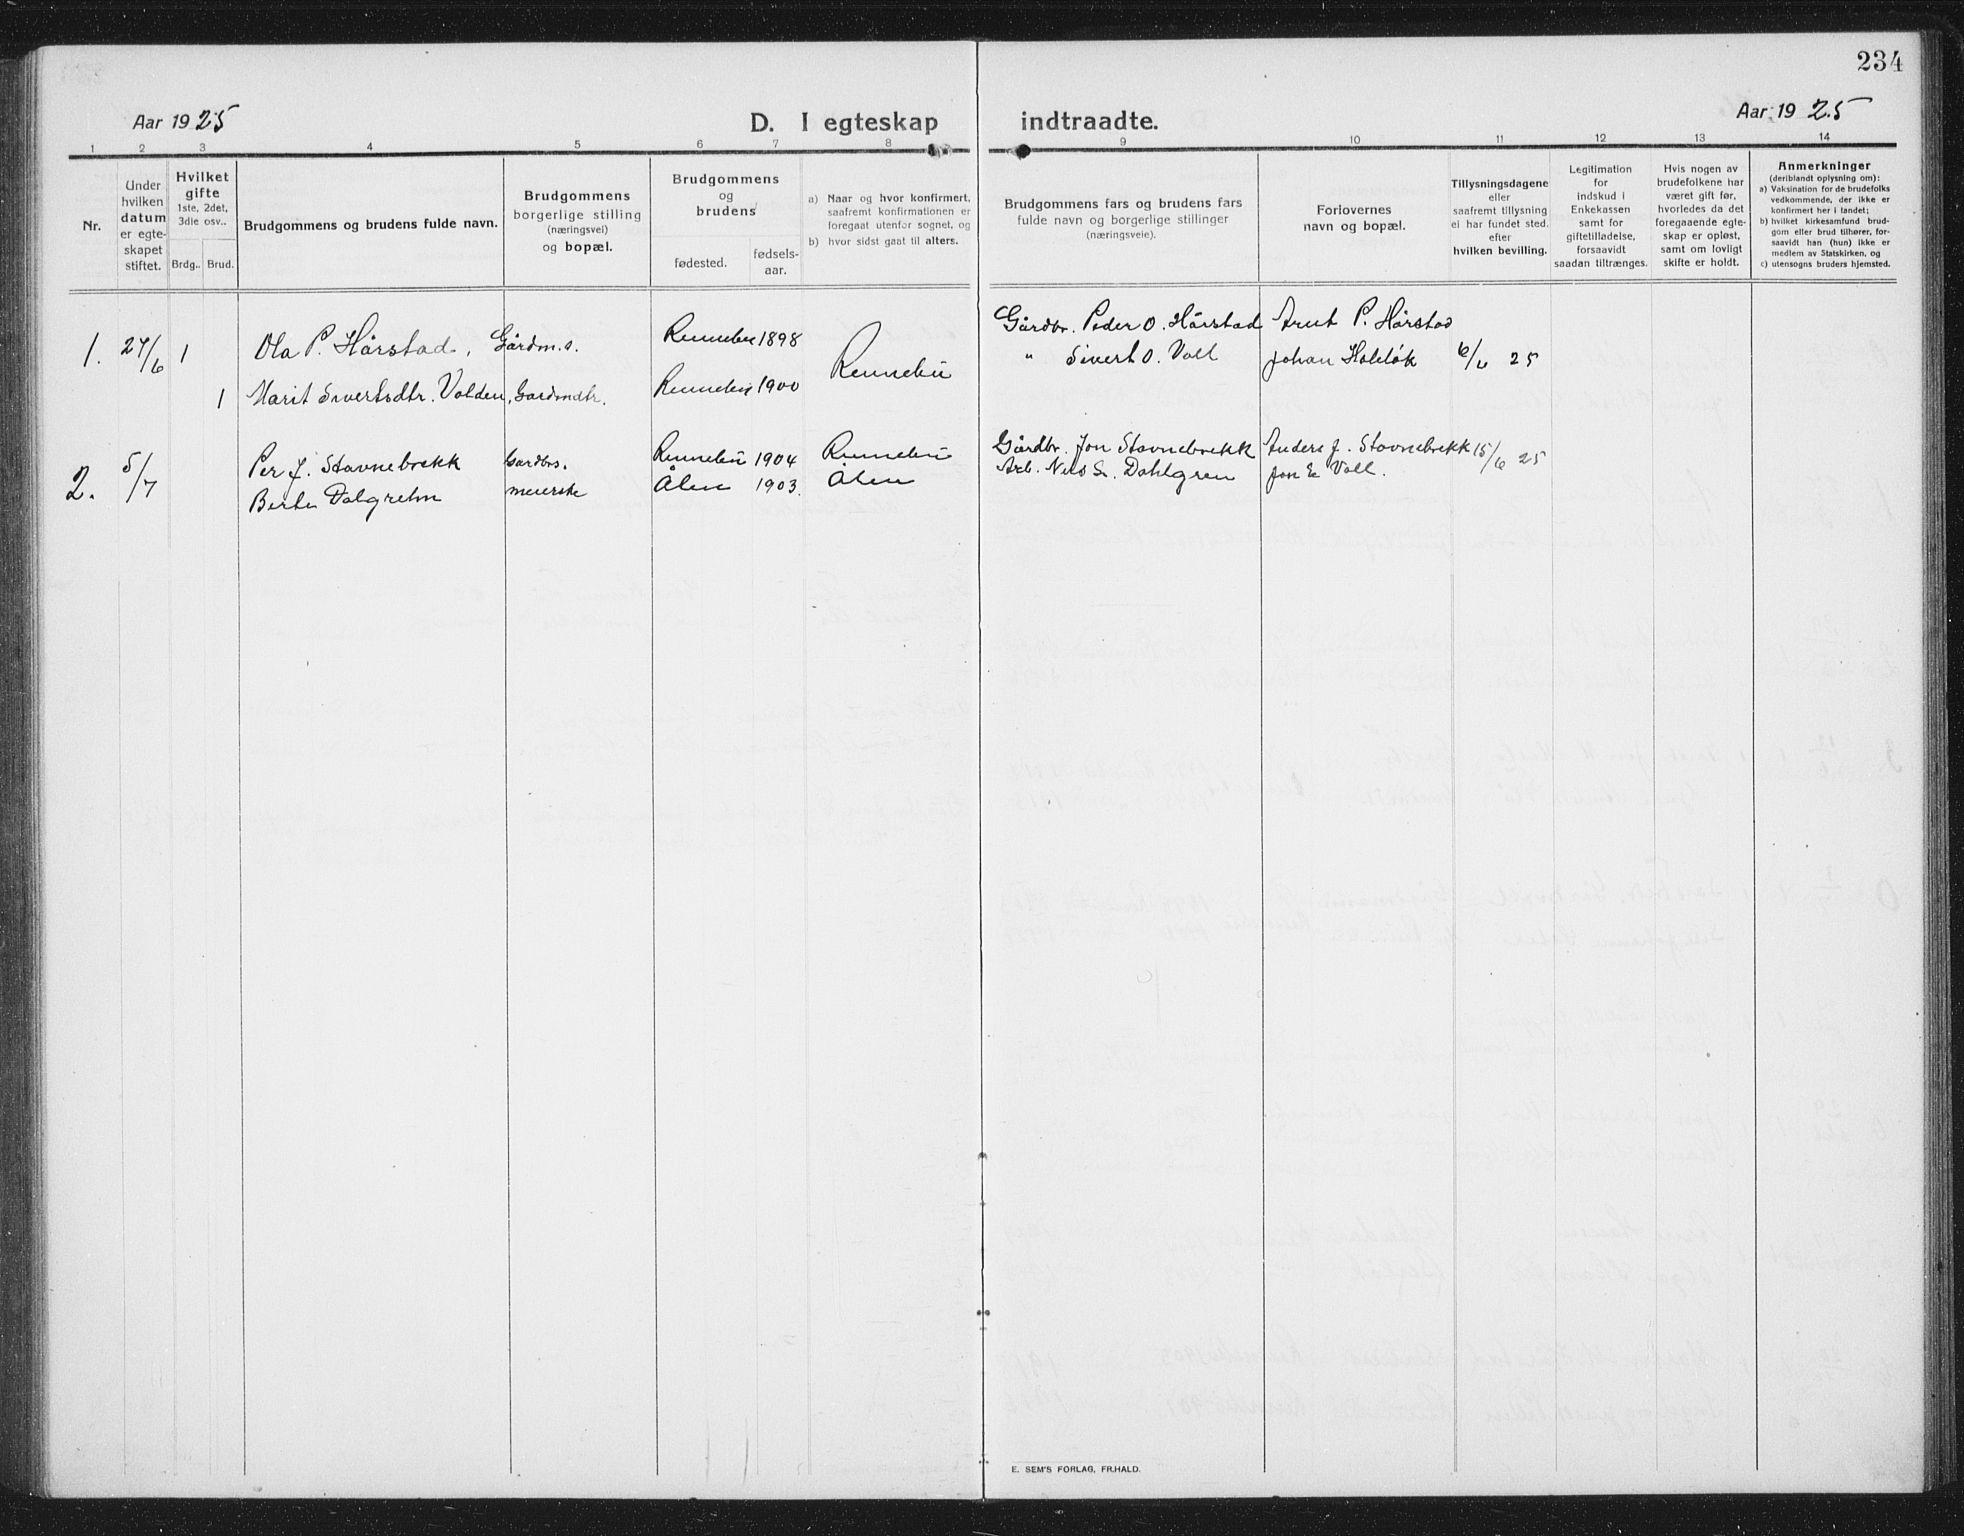 SAT, Ministerialprotokoller, klokkerbøker og fødselsregistre - Sør-Trøndelag, 674/L0877: Klokkerbok nr. 674C04, 1913-1940, s. 234